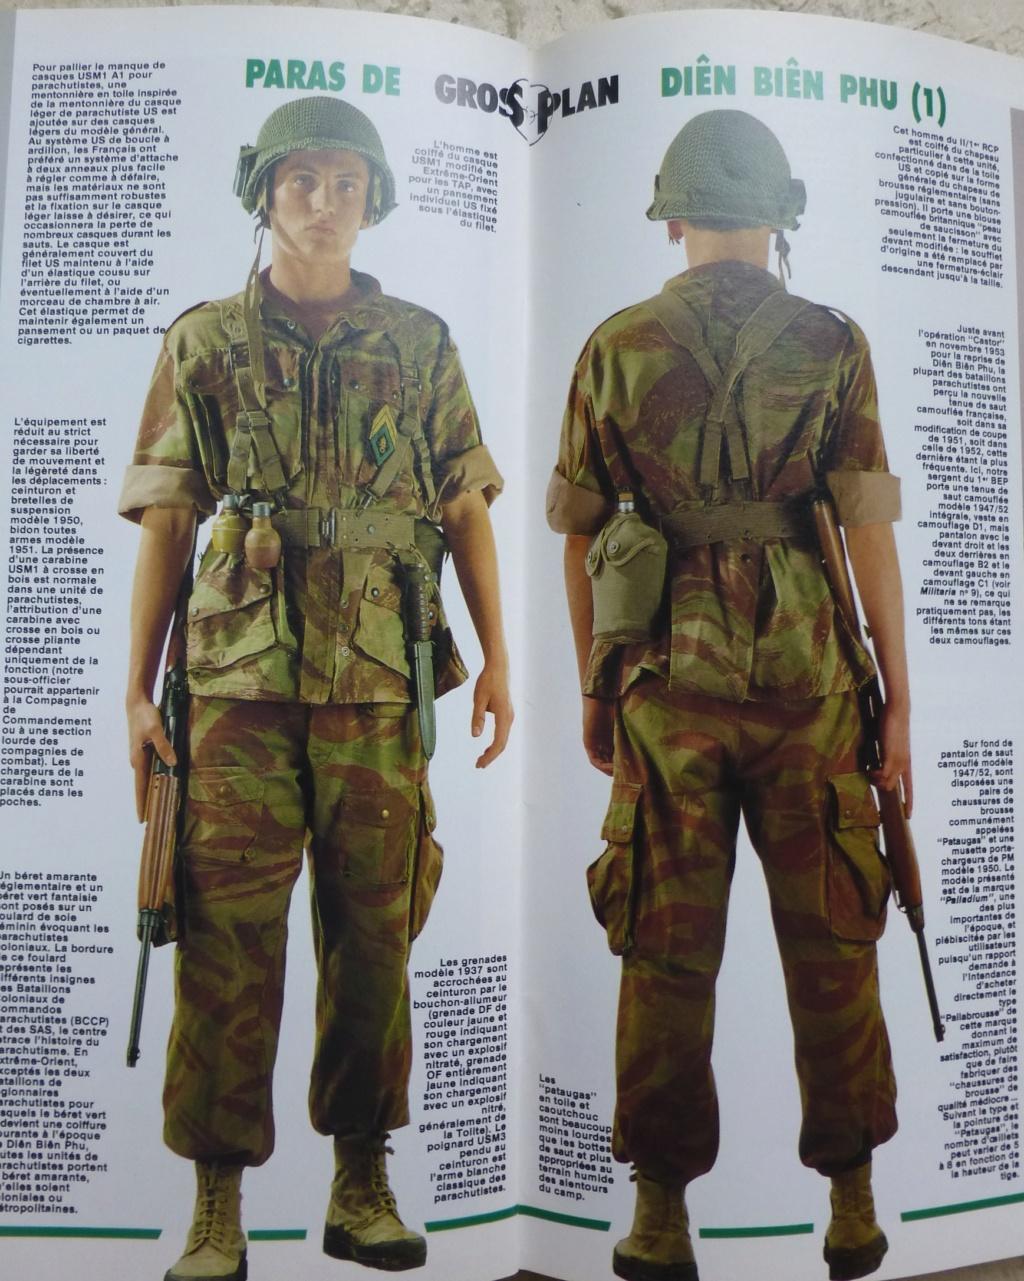 Projet mannequin fr Diên Biên phu   P1080224